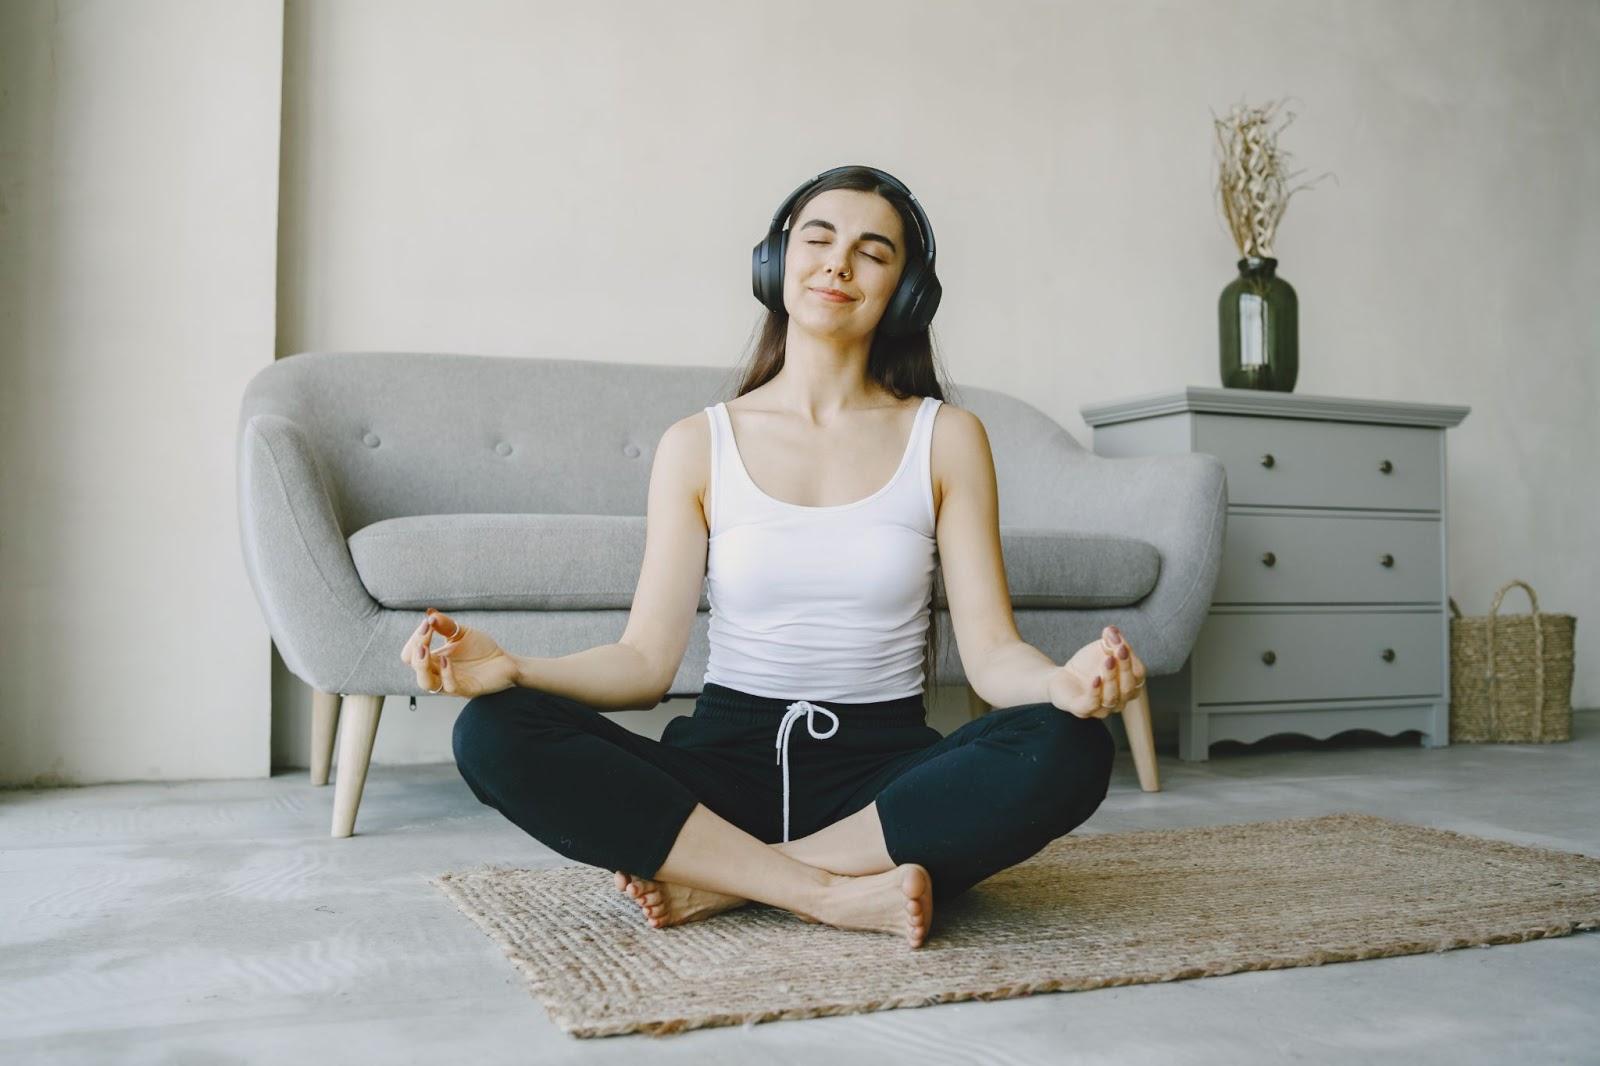 Nhạc thư giãn làm tăng khả năng tập trung khi thiền hay tập yoga